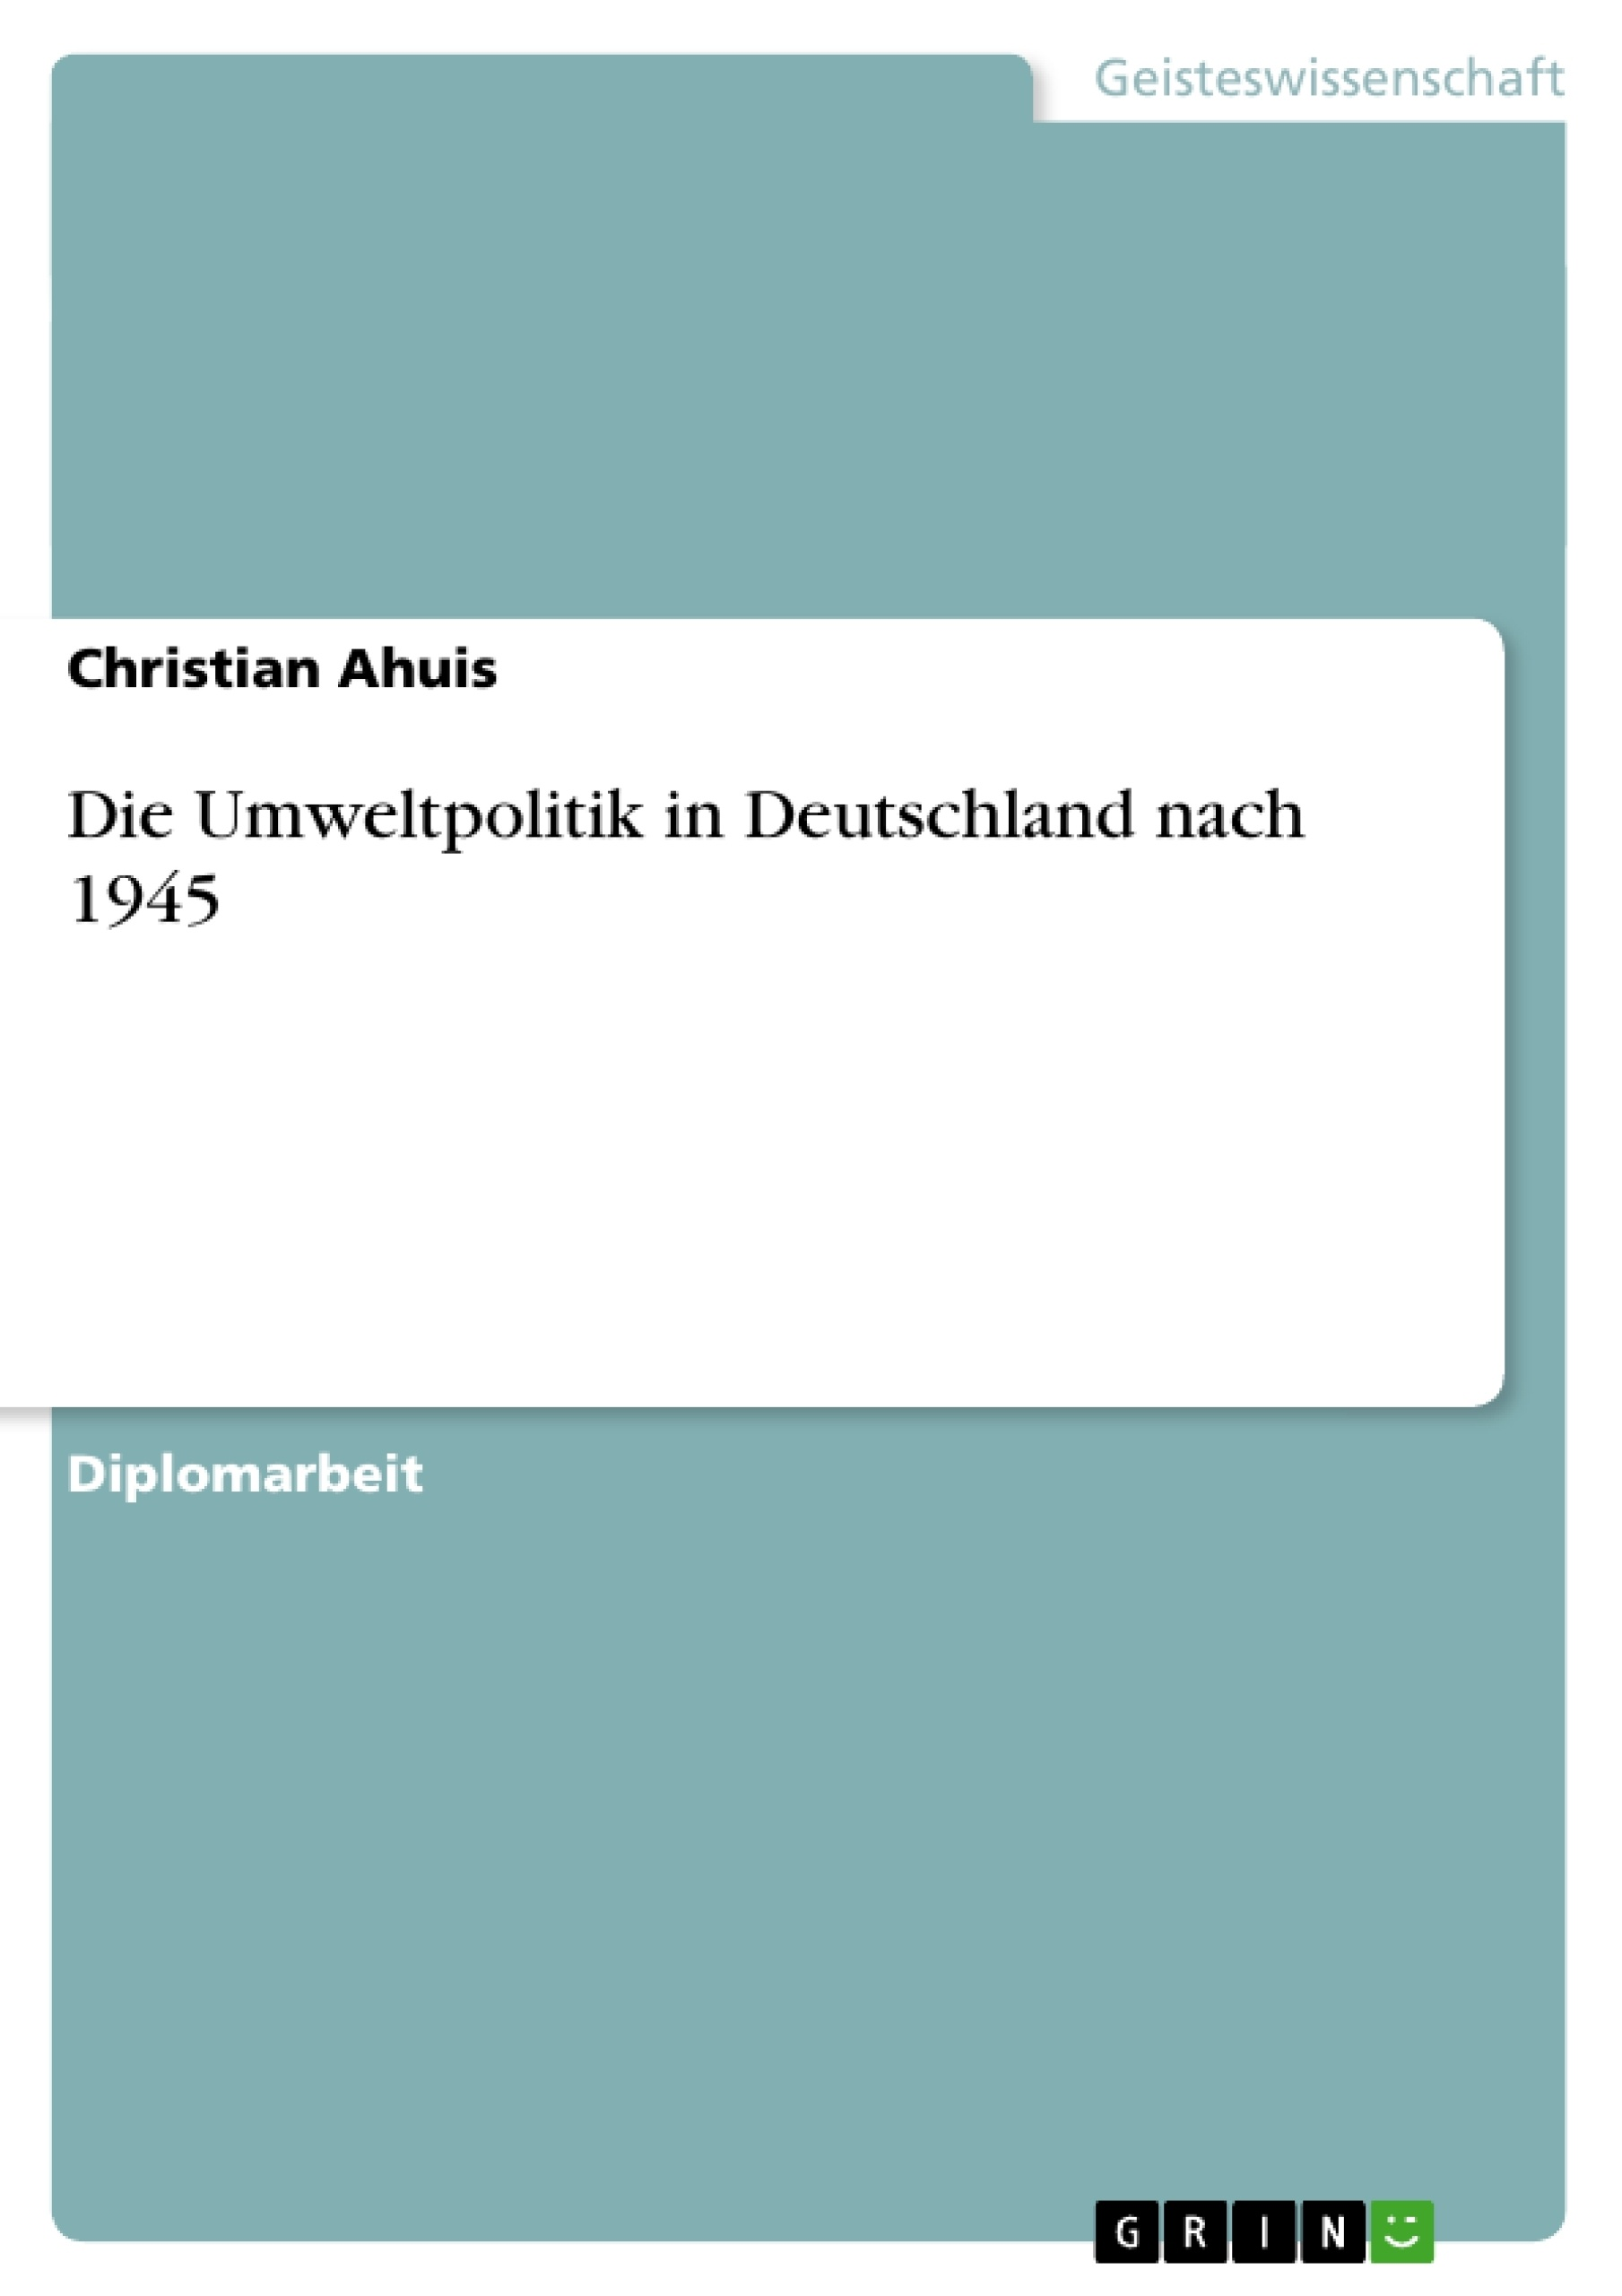 Titel: Die Umweltpolitik in Deutschland nach 1945